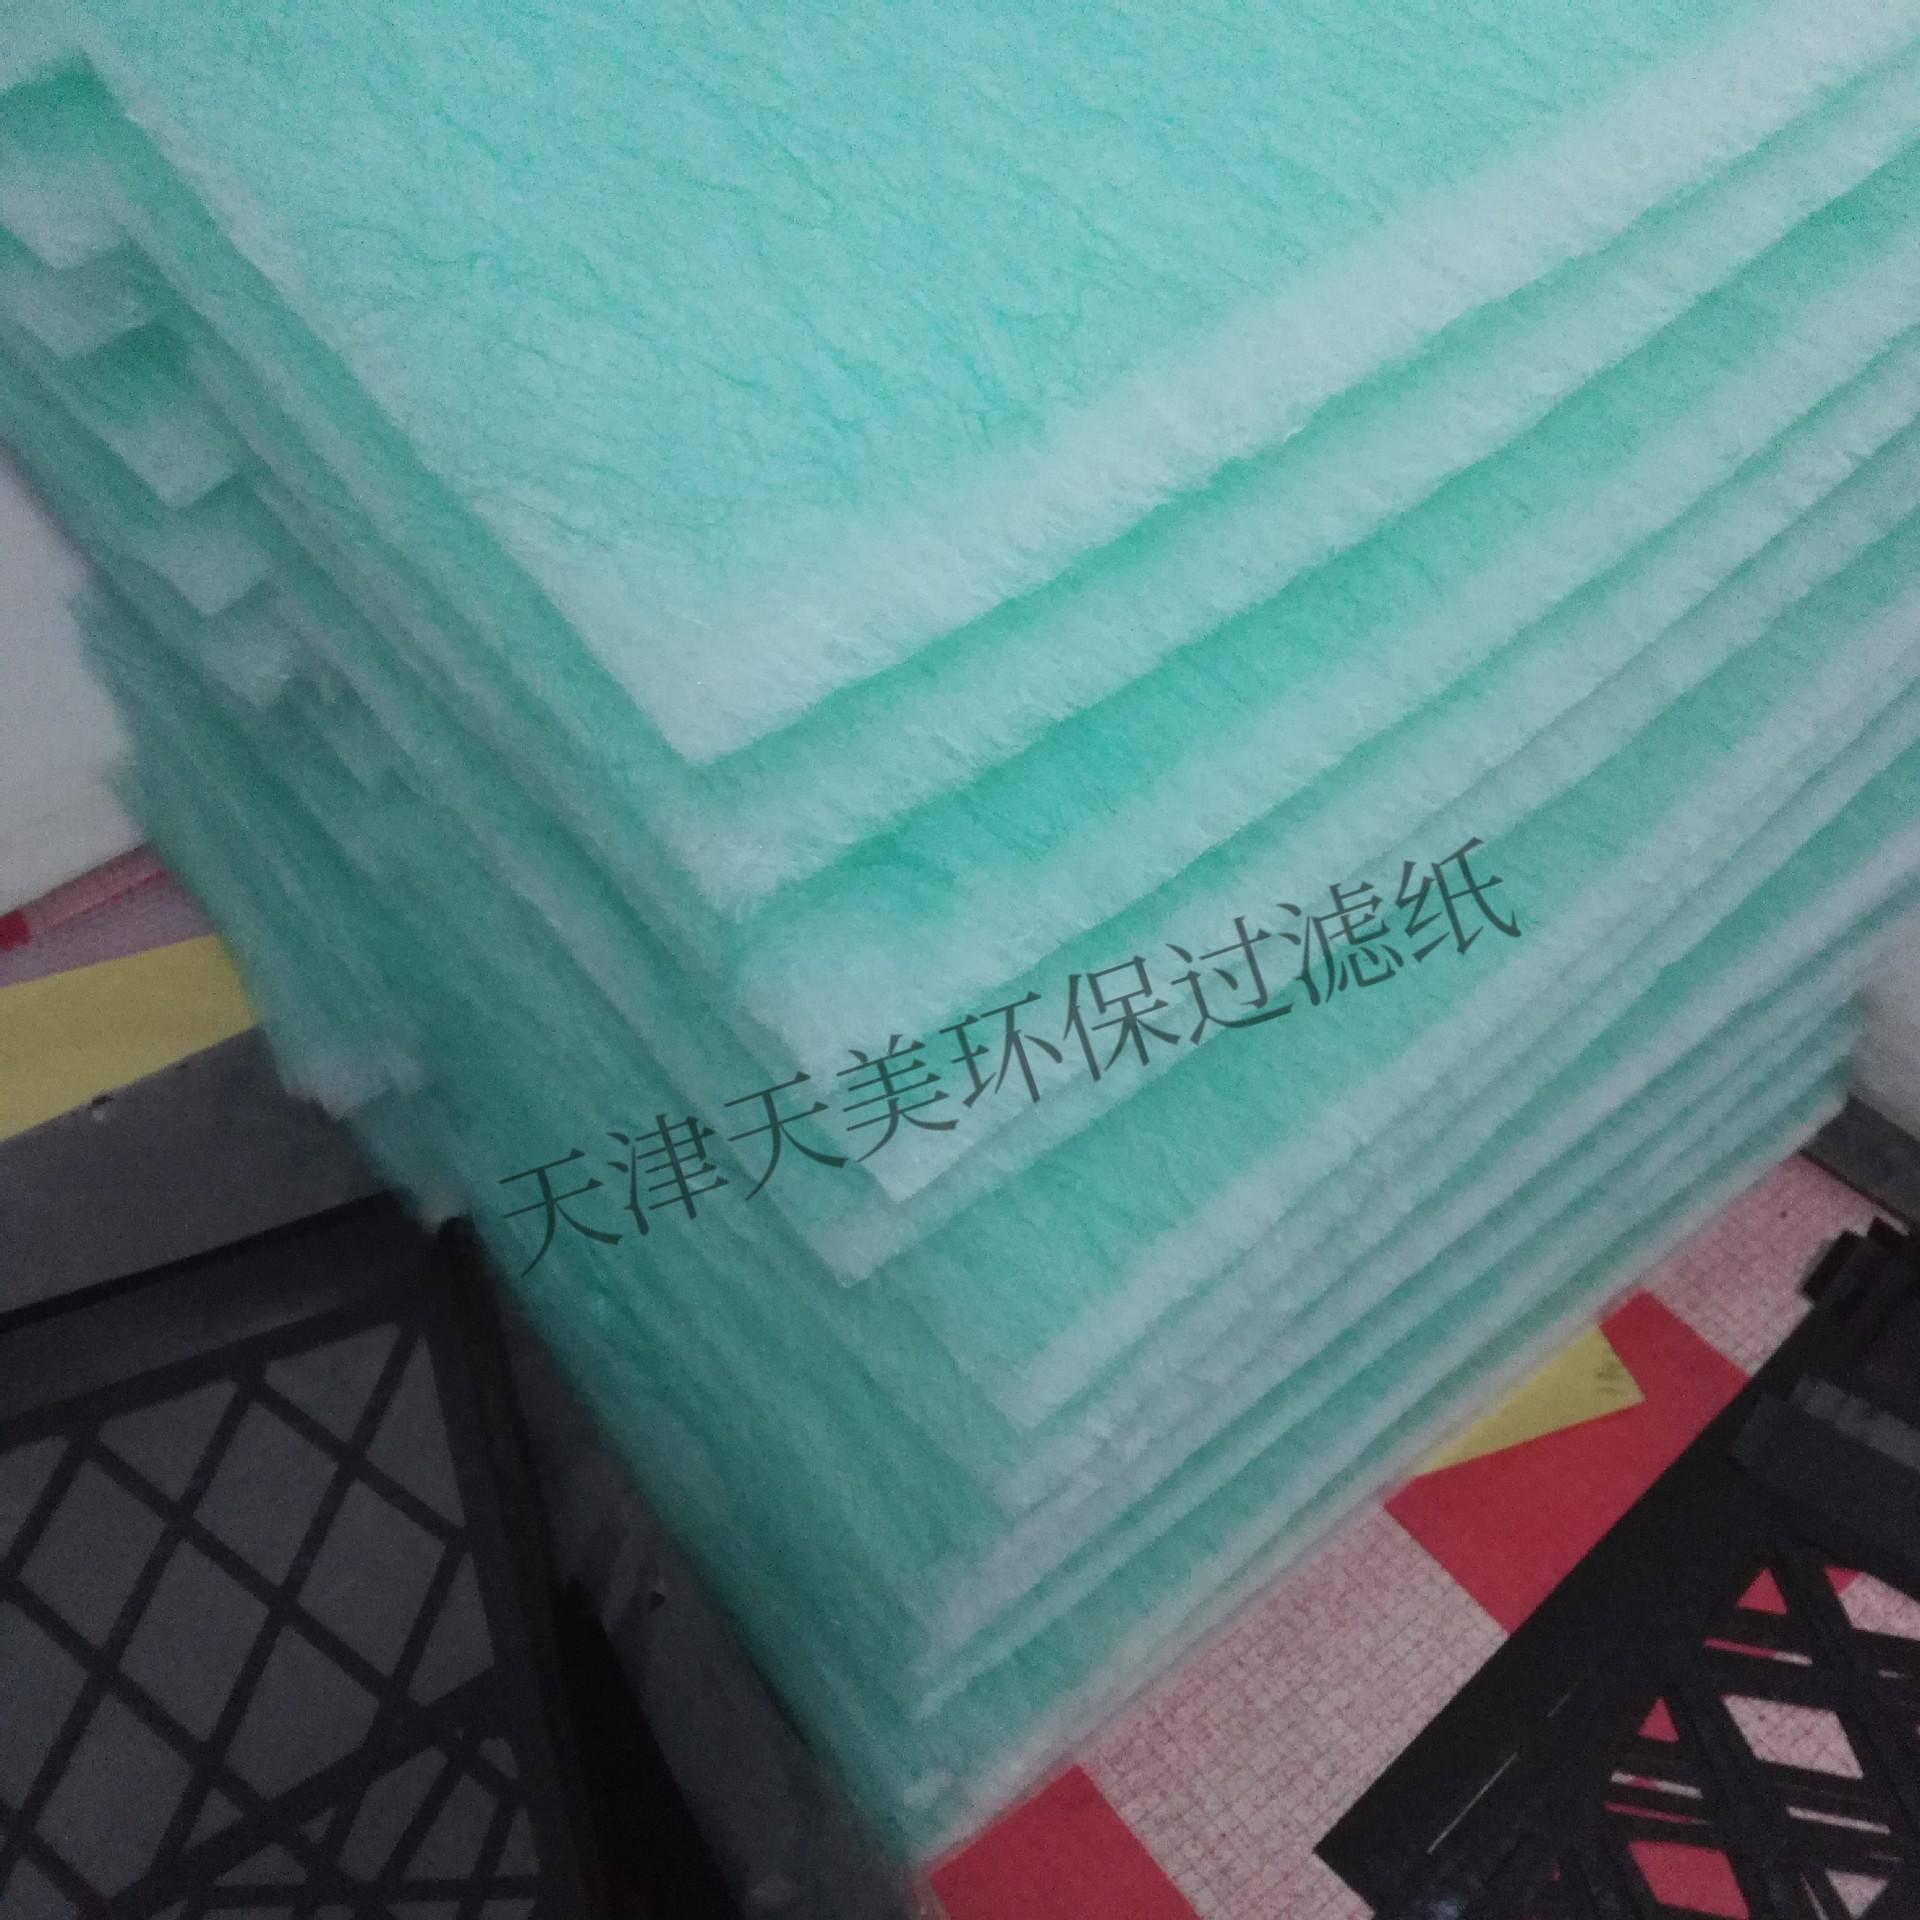 超细玻璃纤维纸3.0--超细玻璃纤维纸的增强方法